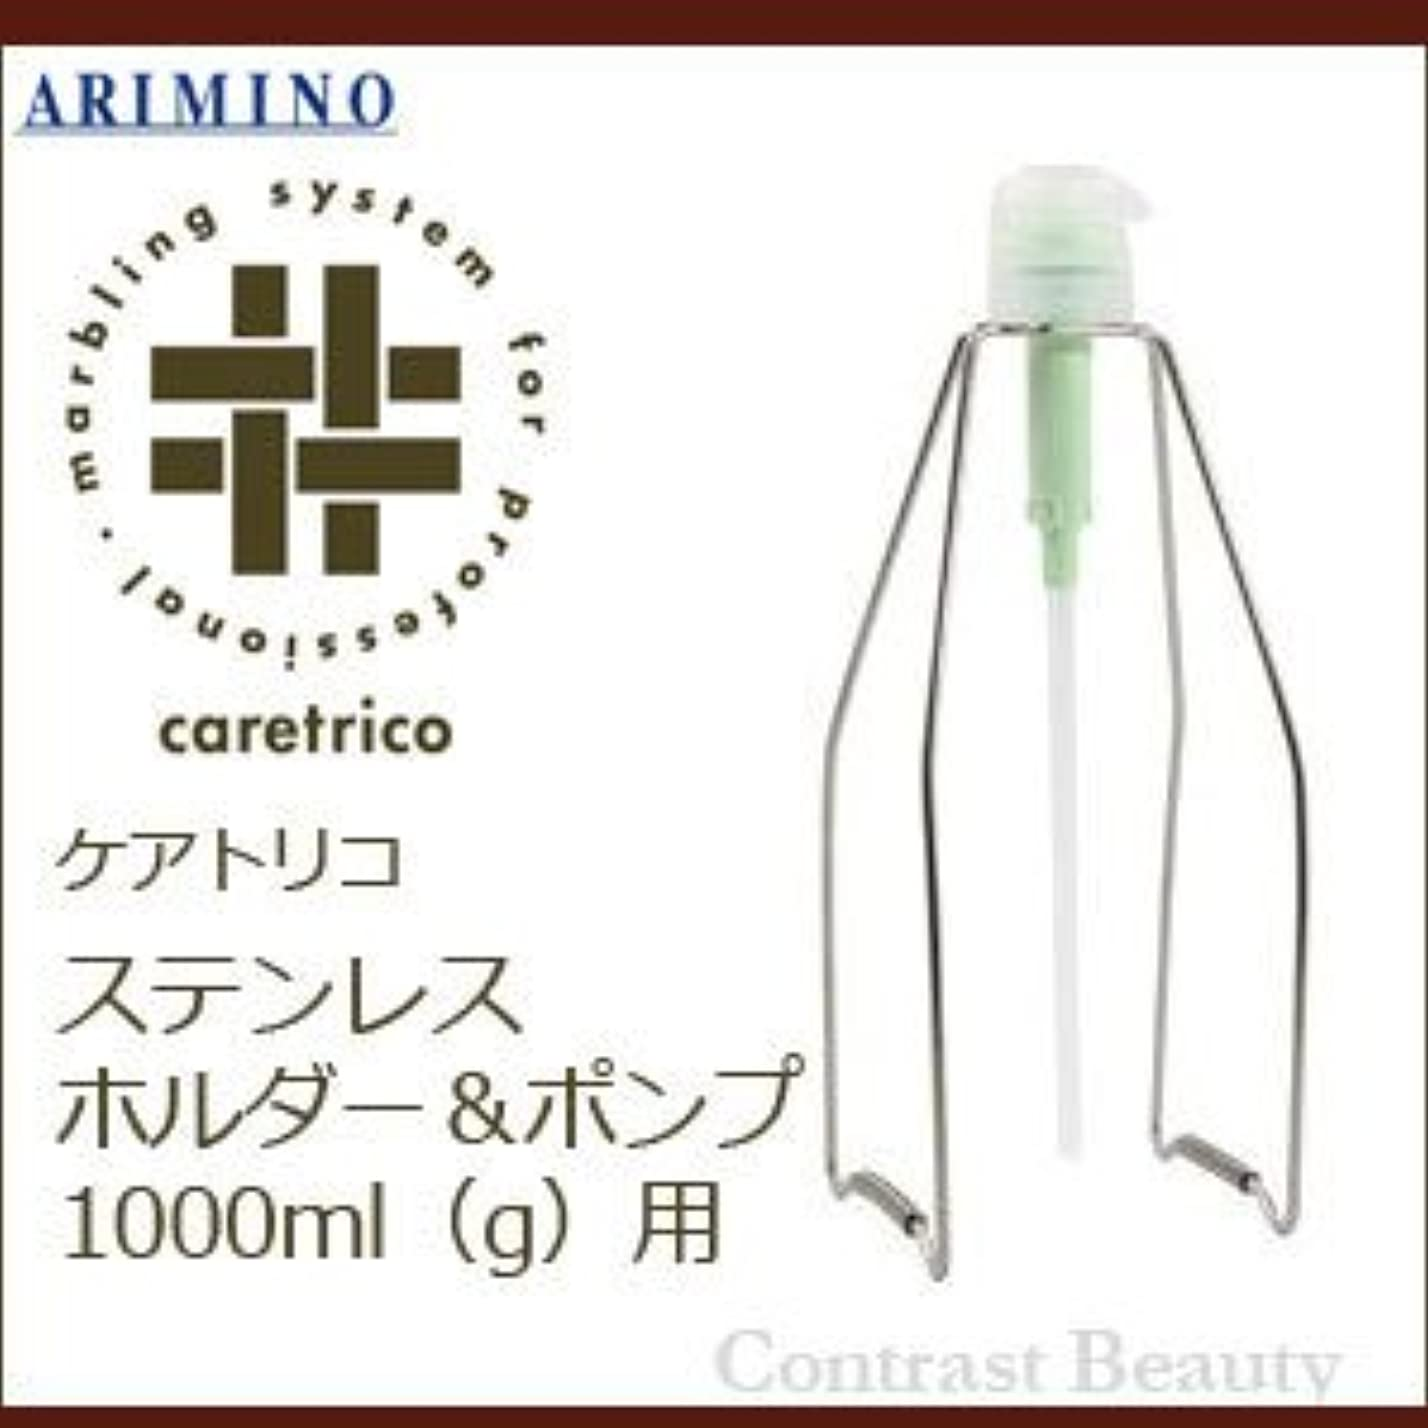 代表アイロニー詳細なアリミノ ケアトリコ 1000ml(g)用 ステンレス ホルダー&ポンプ